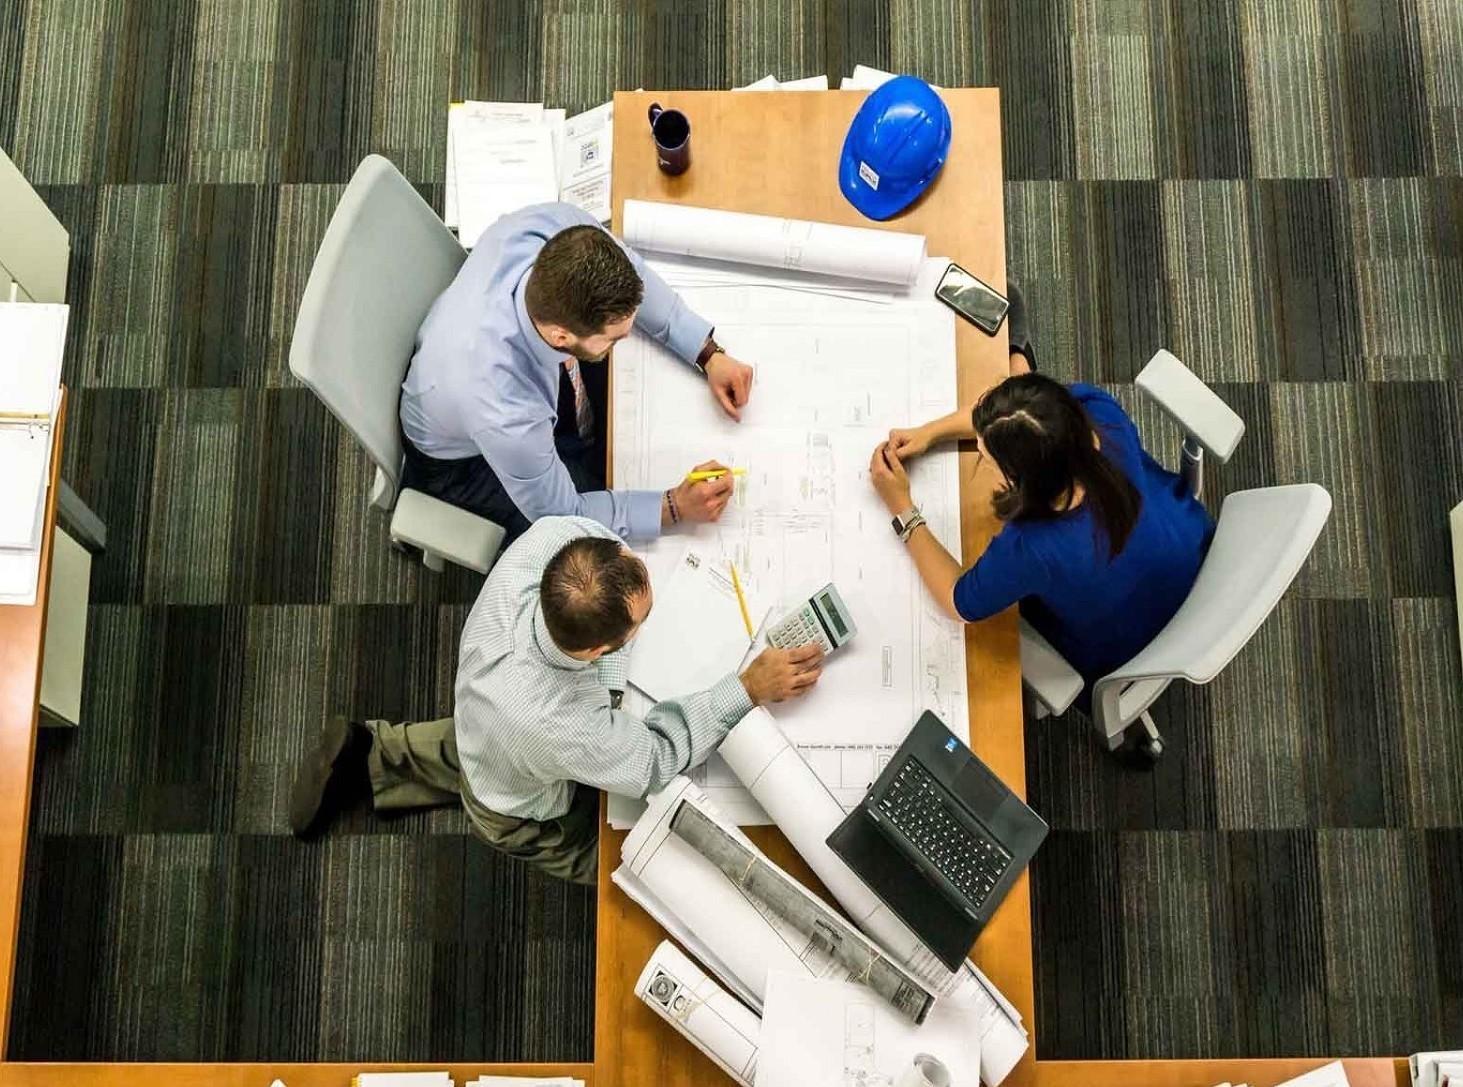 Lavoro straordinario, le regole e normativa attuale